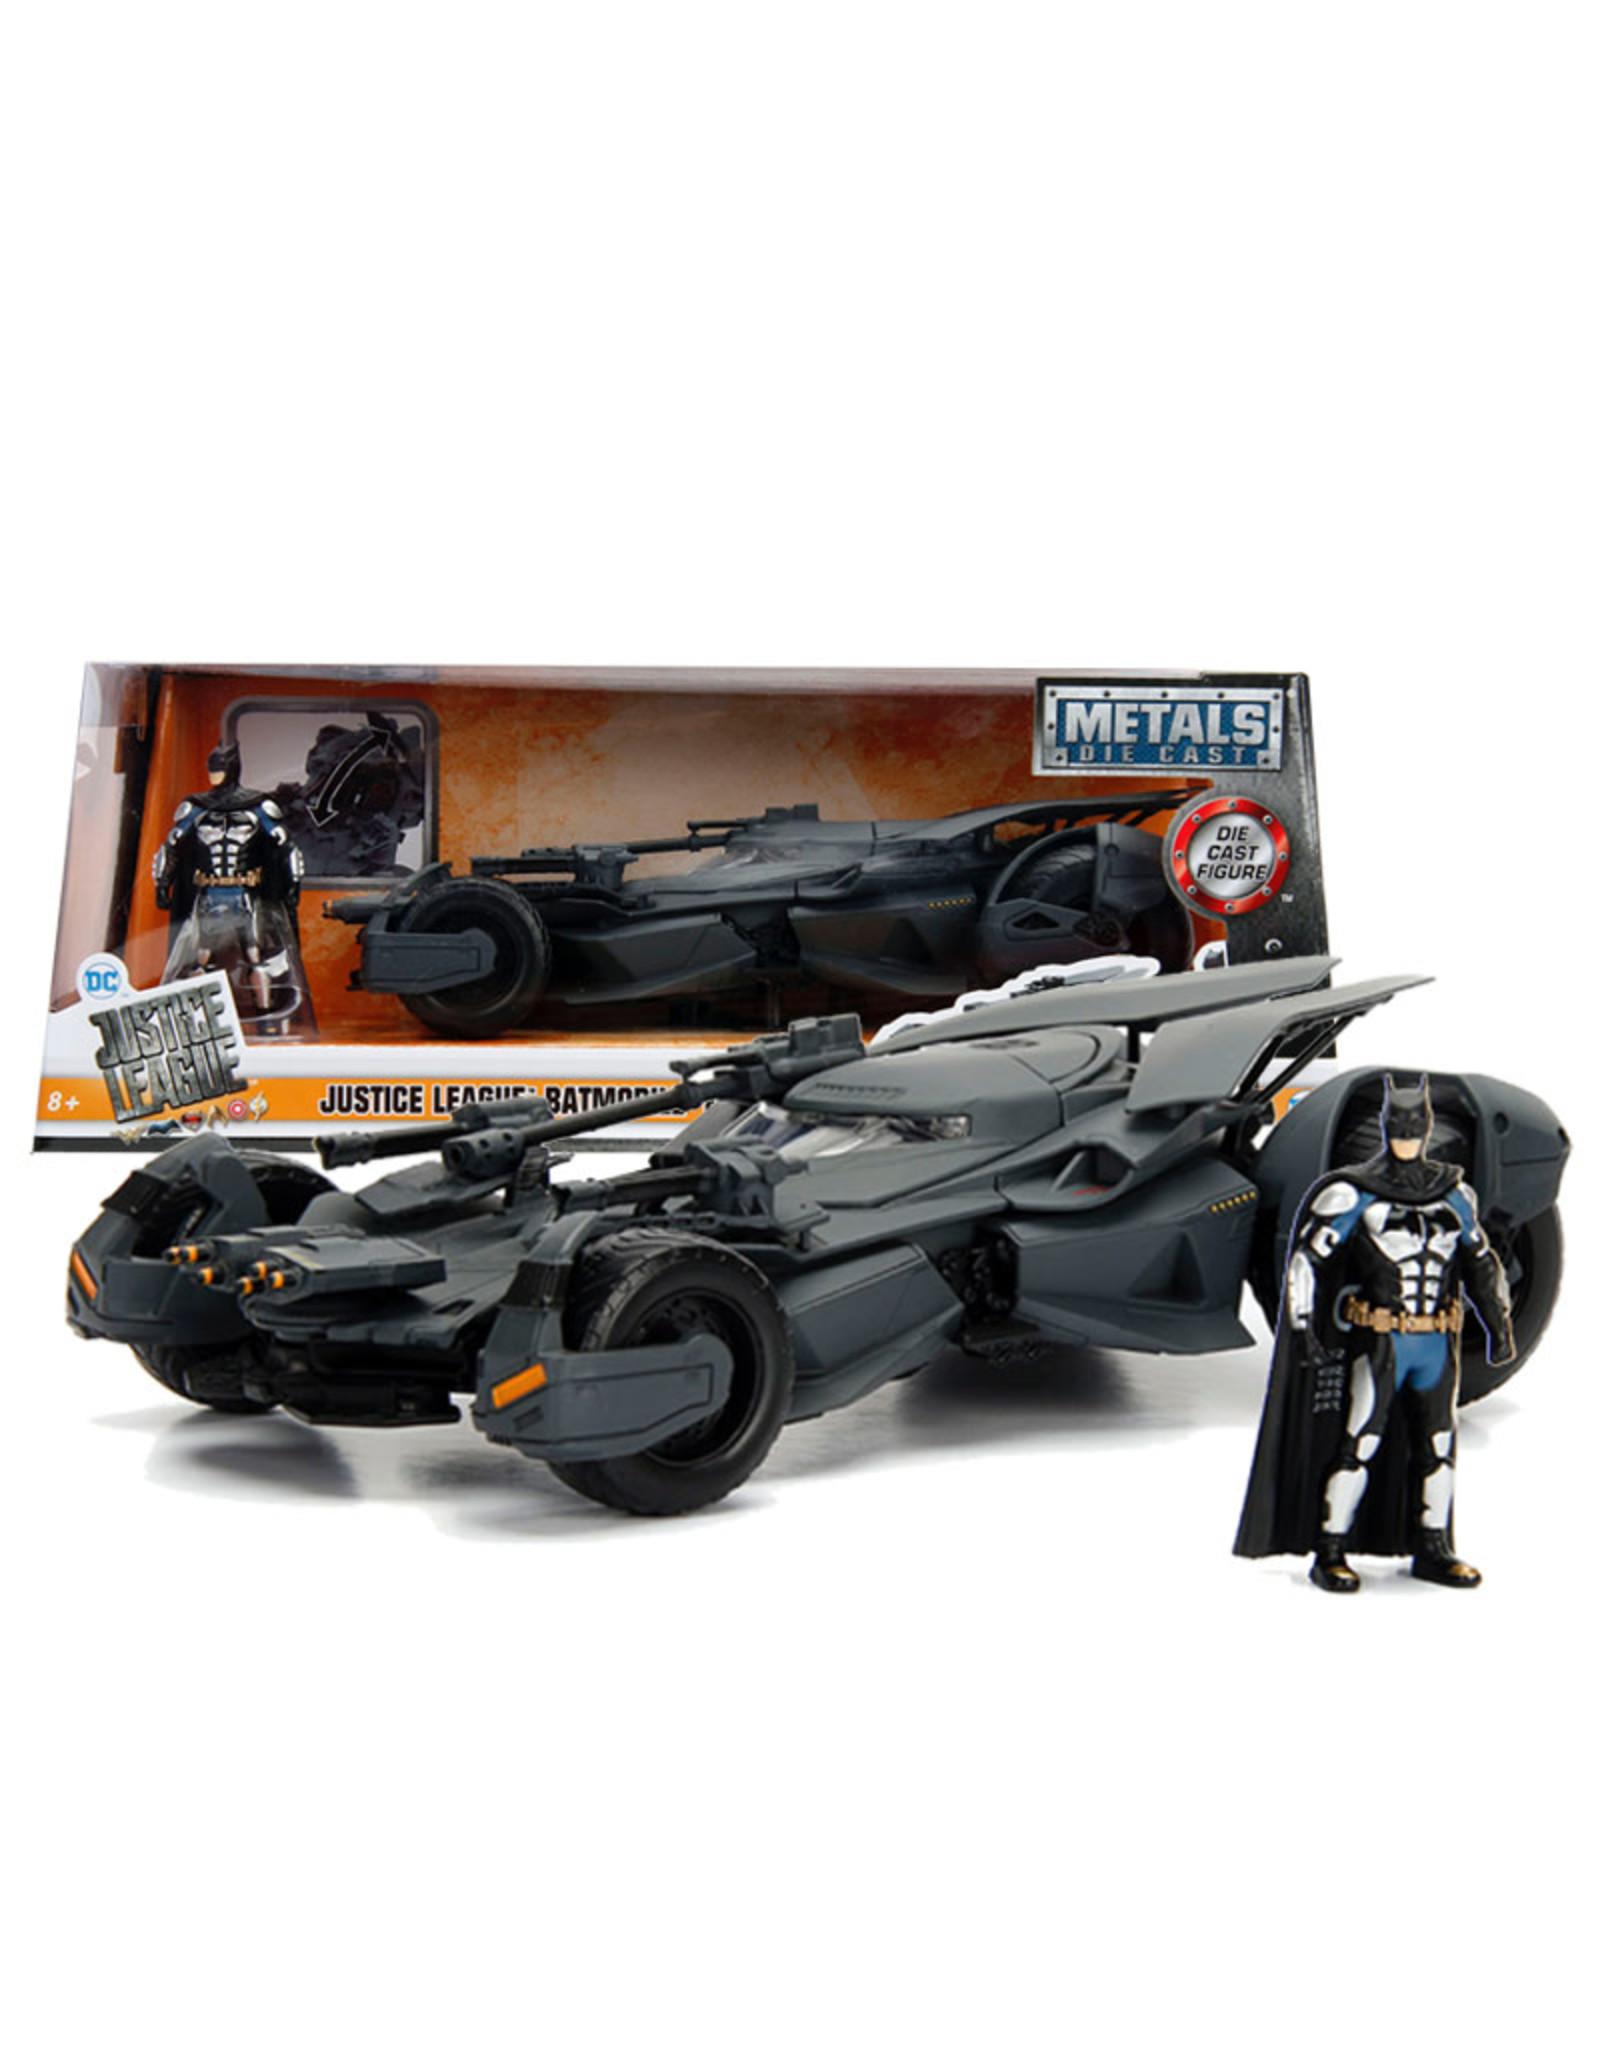 Dc comics Dc Comics Batman ( Die Cast 1:24 ) Justice League Batmobile